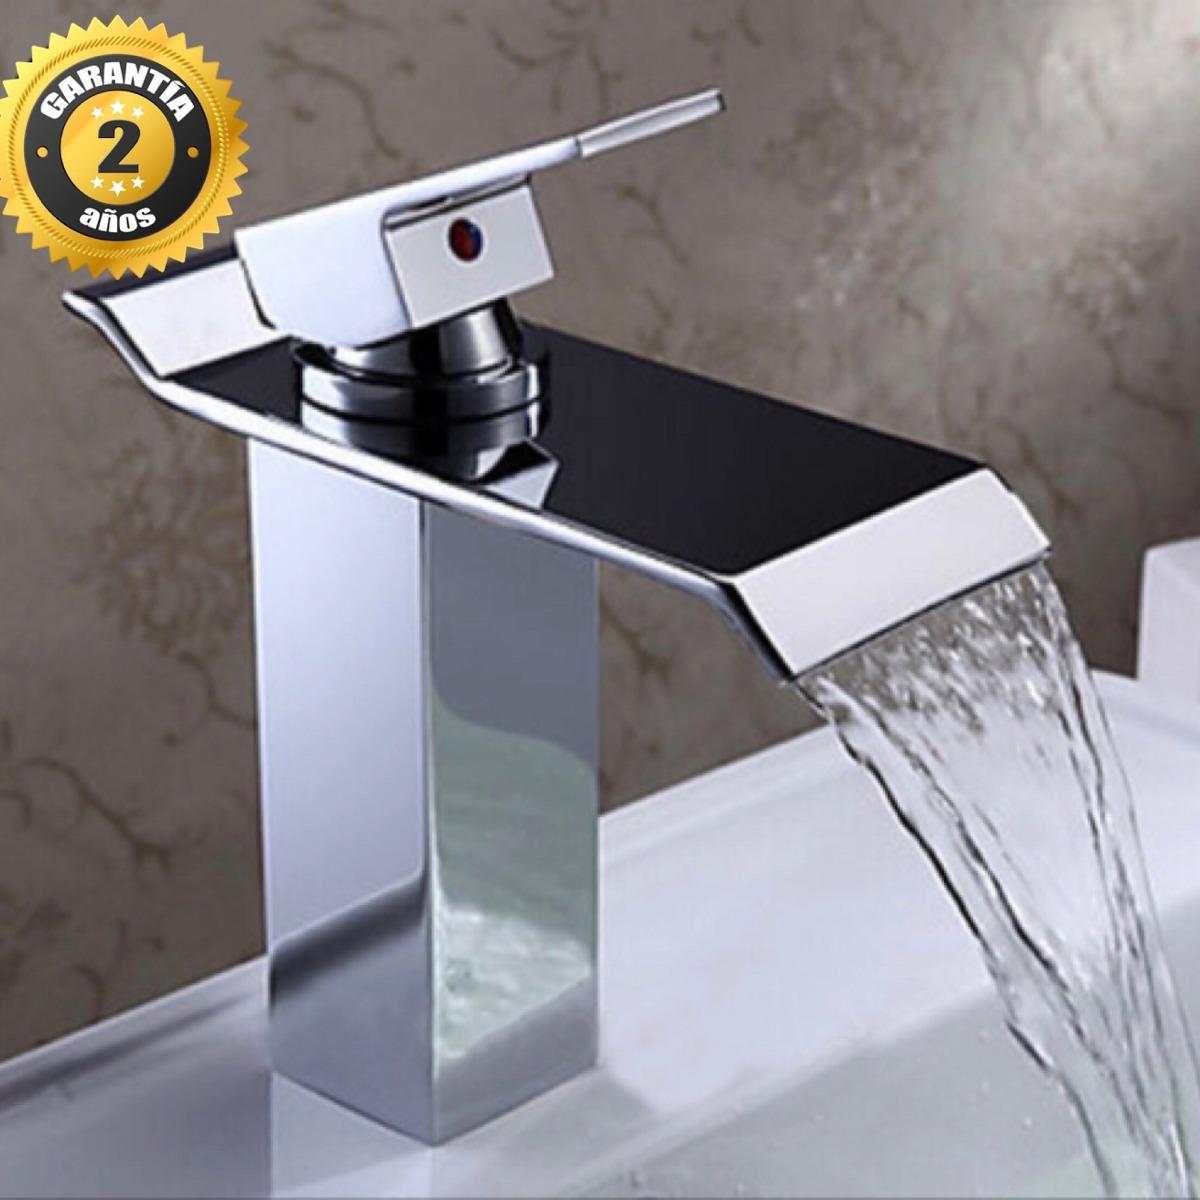 Llave monomando mezcladora grifo lavabo ba o cascada r0 for Grifo lavabo cascada